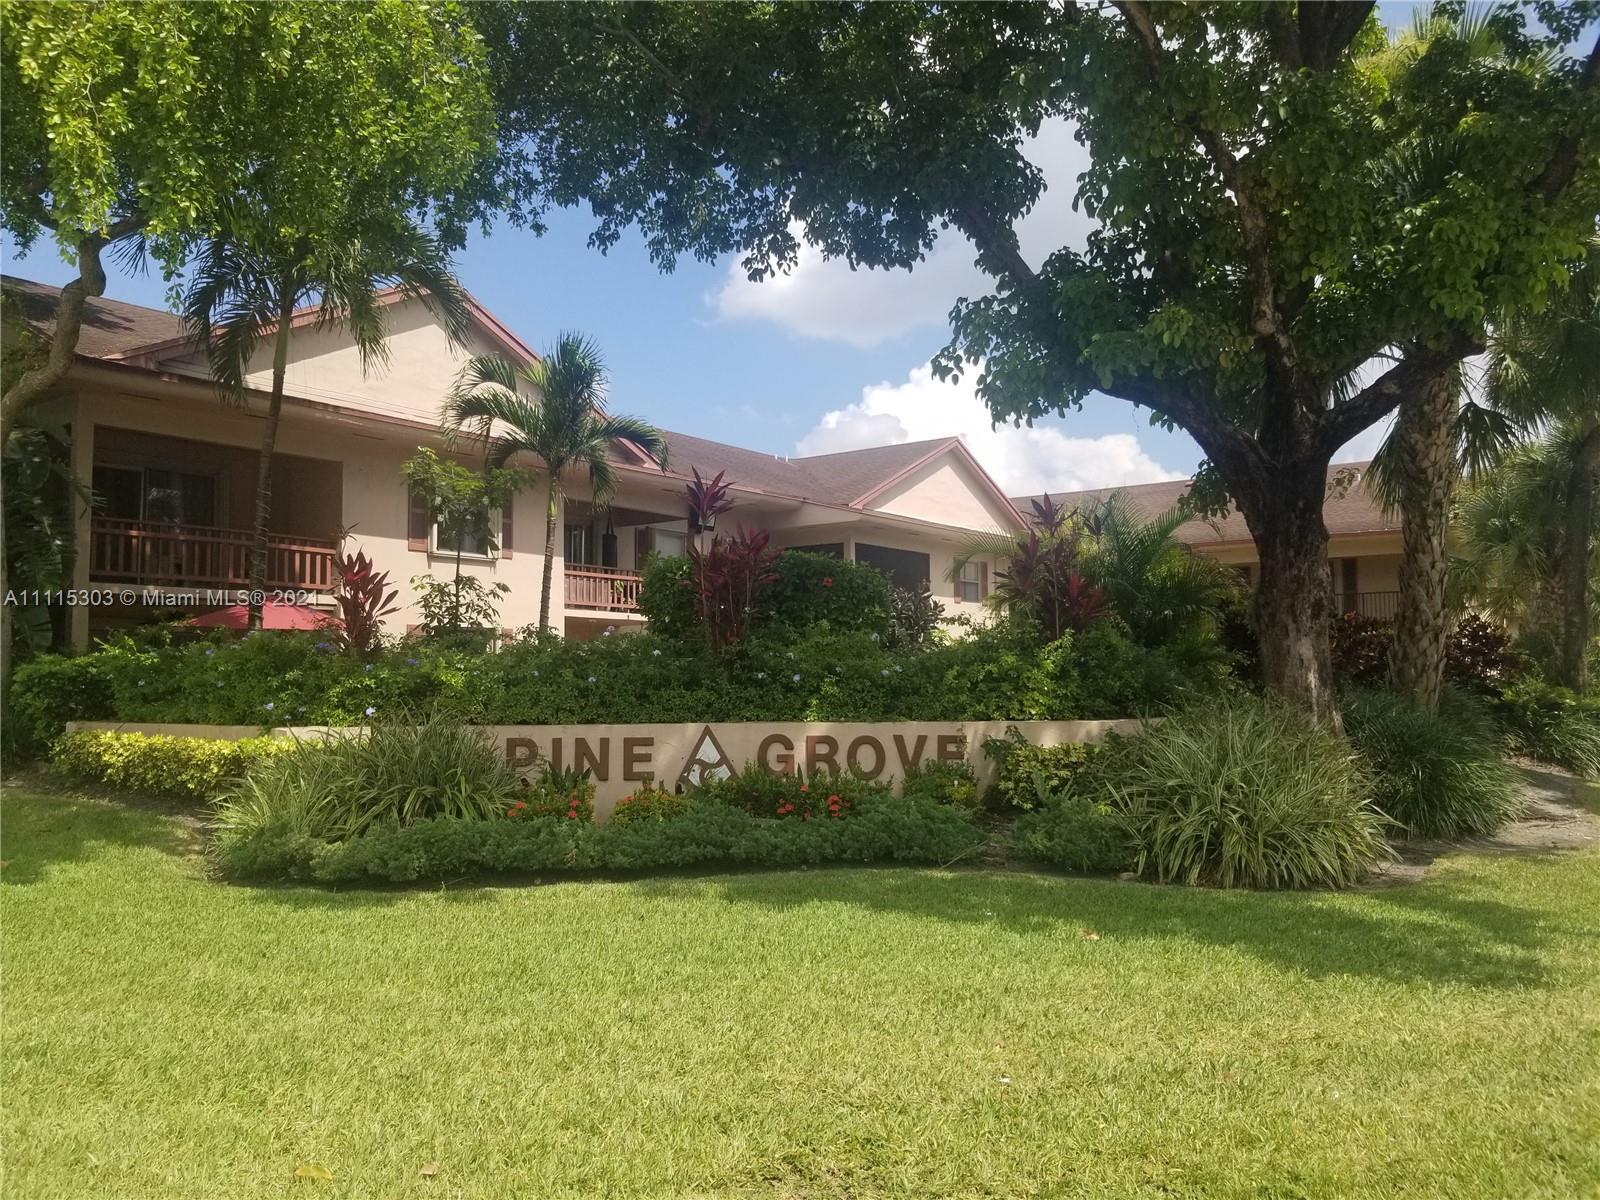 Condo For Sale at PINE GROVE CONDO